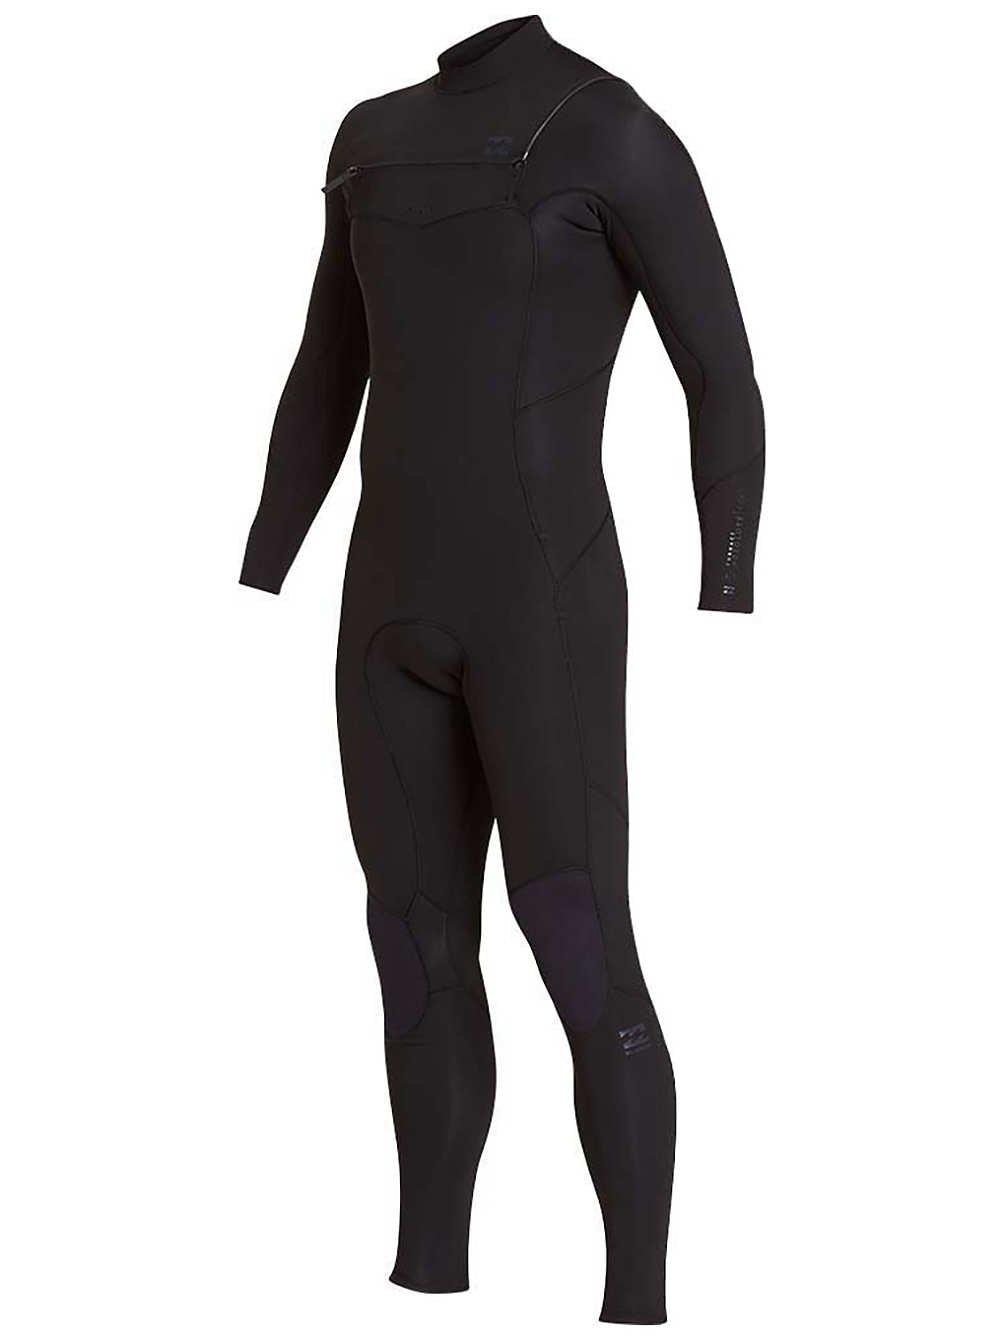 Black M BILLABONG Furnace Absolute GBS 4 3 Chest Zip Wetsuit